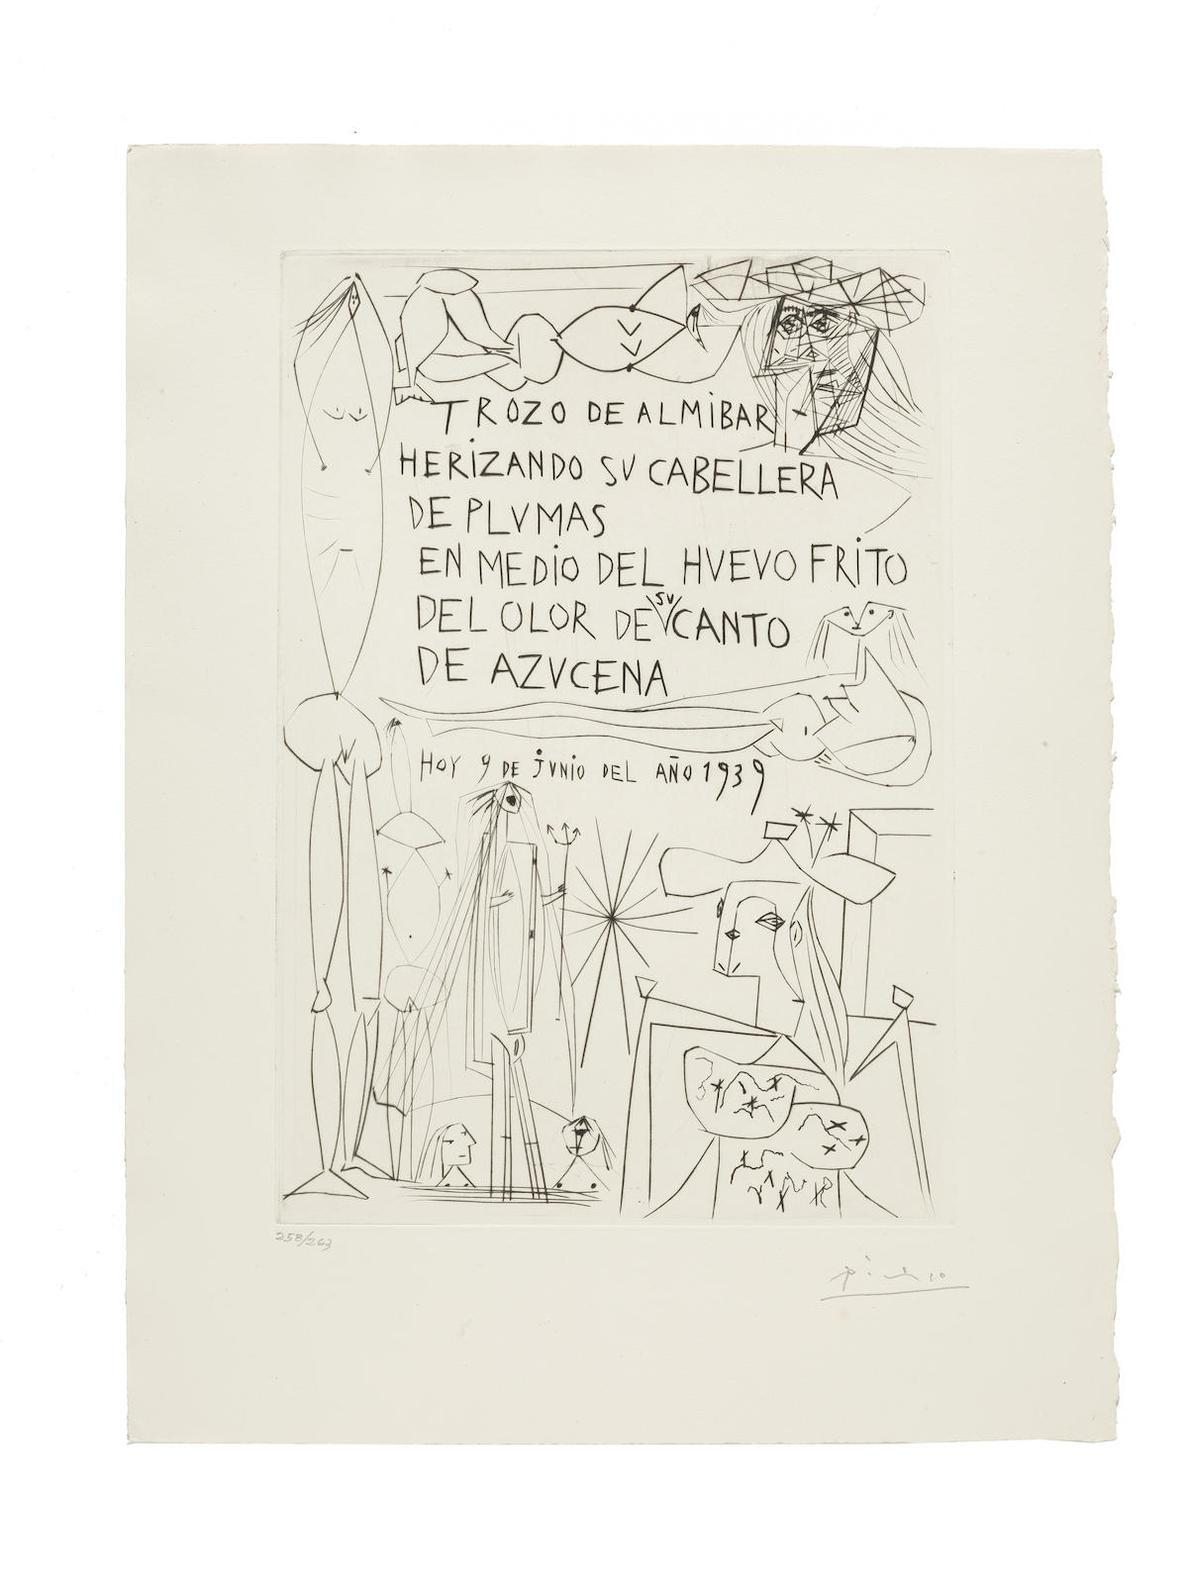 Pablo Picasso-El Entierro Del Conde De Orgaz, Ediciones De La Cometa, Barcelona, 1969 (Cramer Books146; Bloch 1465-1477; Baer 1377-1391)-1969